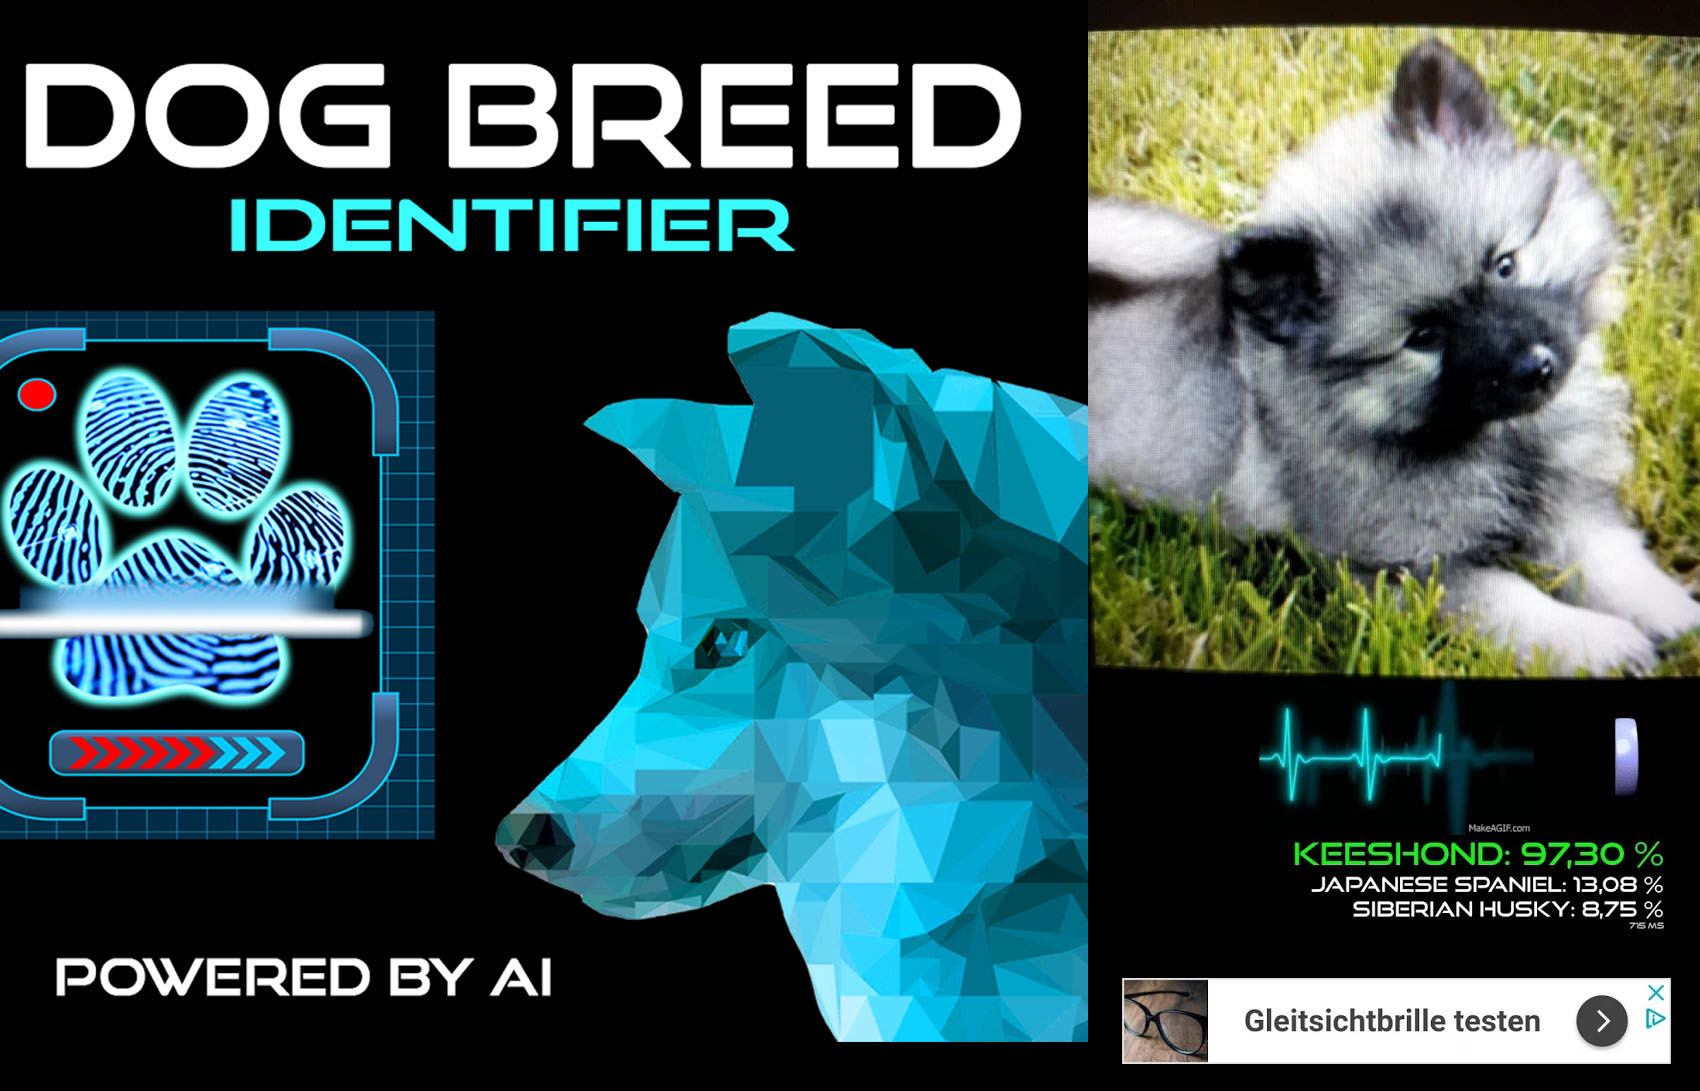 El escáner Dog Breed Identifier necesita conexión a Internet para acceder a su base de datos y rrojar resultados precisos